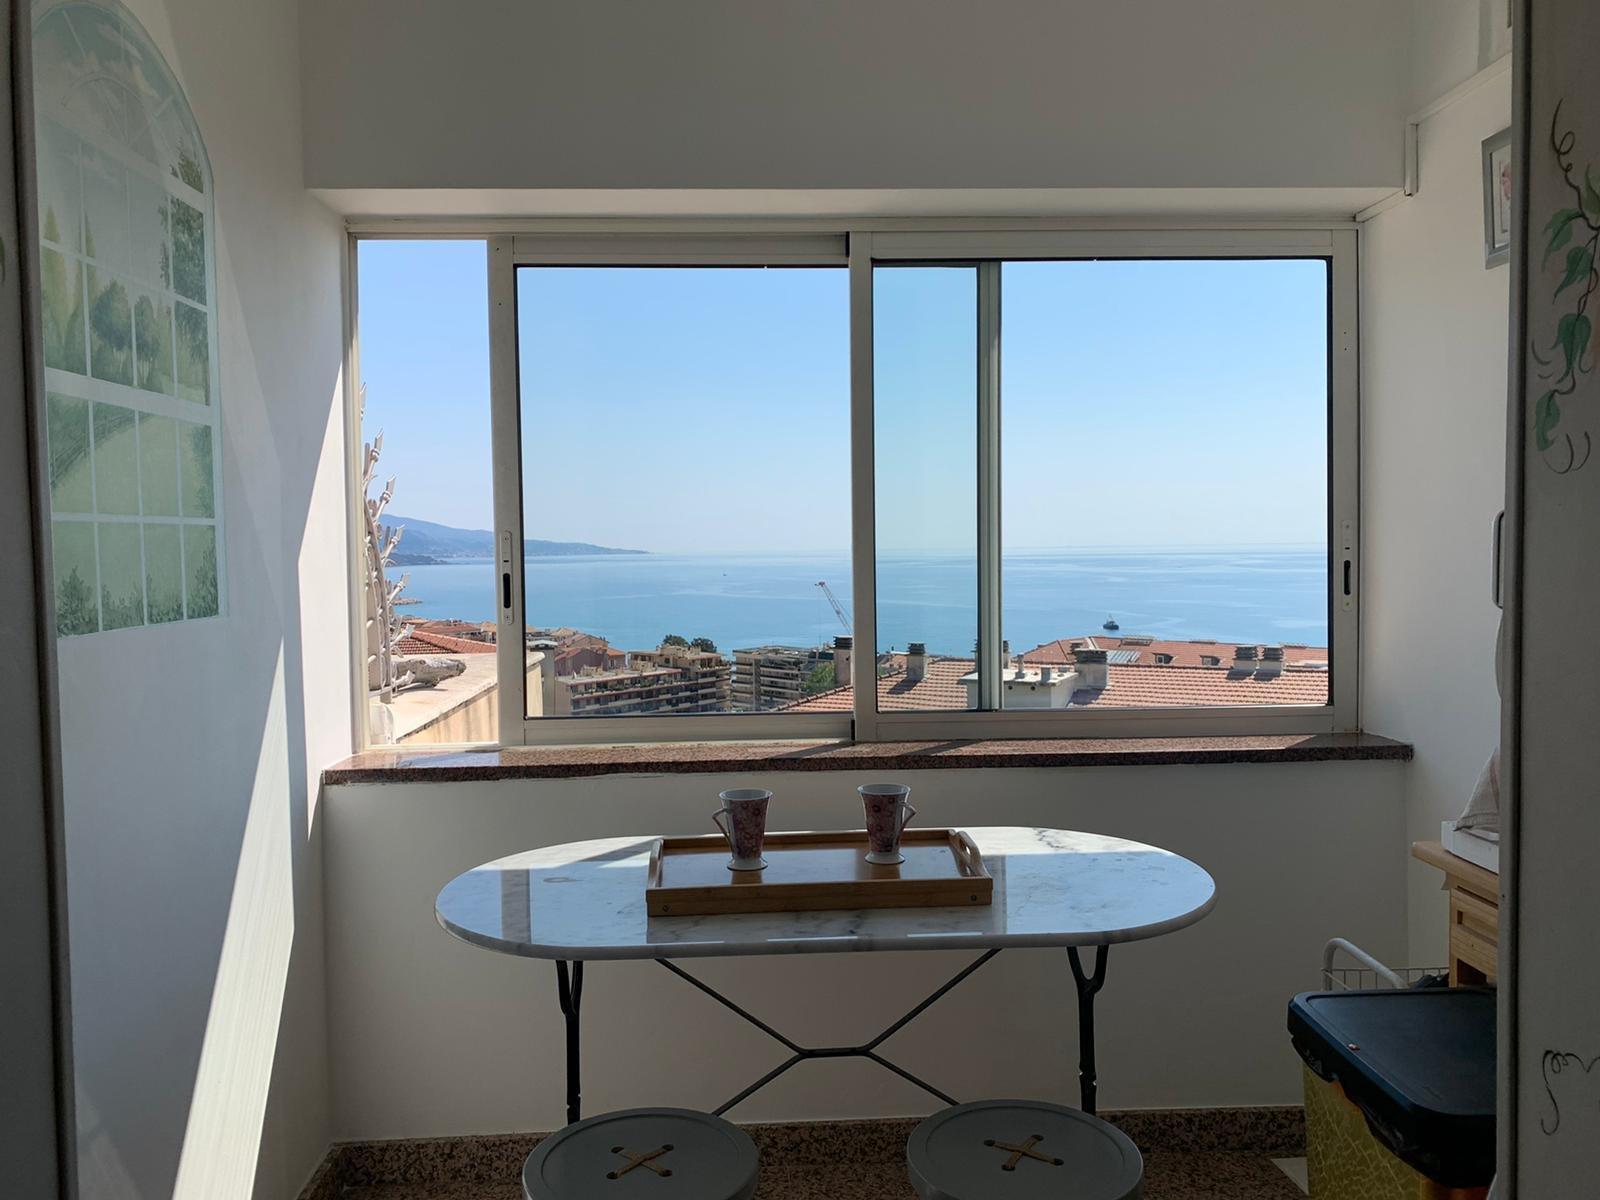 EXCLUSIVITE- Corniche des Serres de la Madone- Villa individuelle T6 sur 2 niveaux avec 4  chambres, Terrasse, Cave, Jardin de 400m²- vue mer et à 2 pas du centre ville de Menton